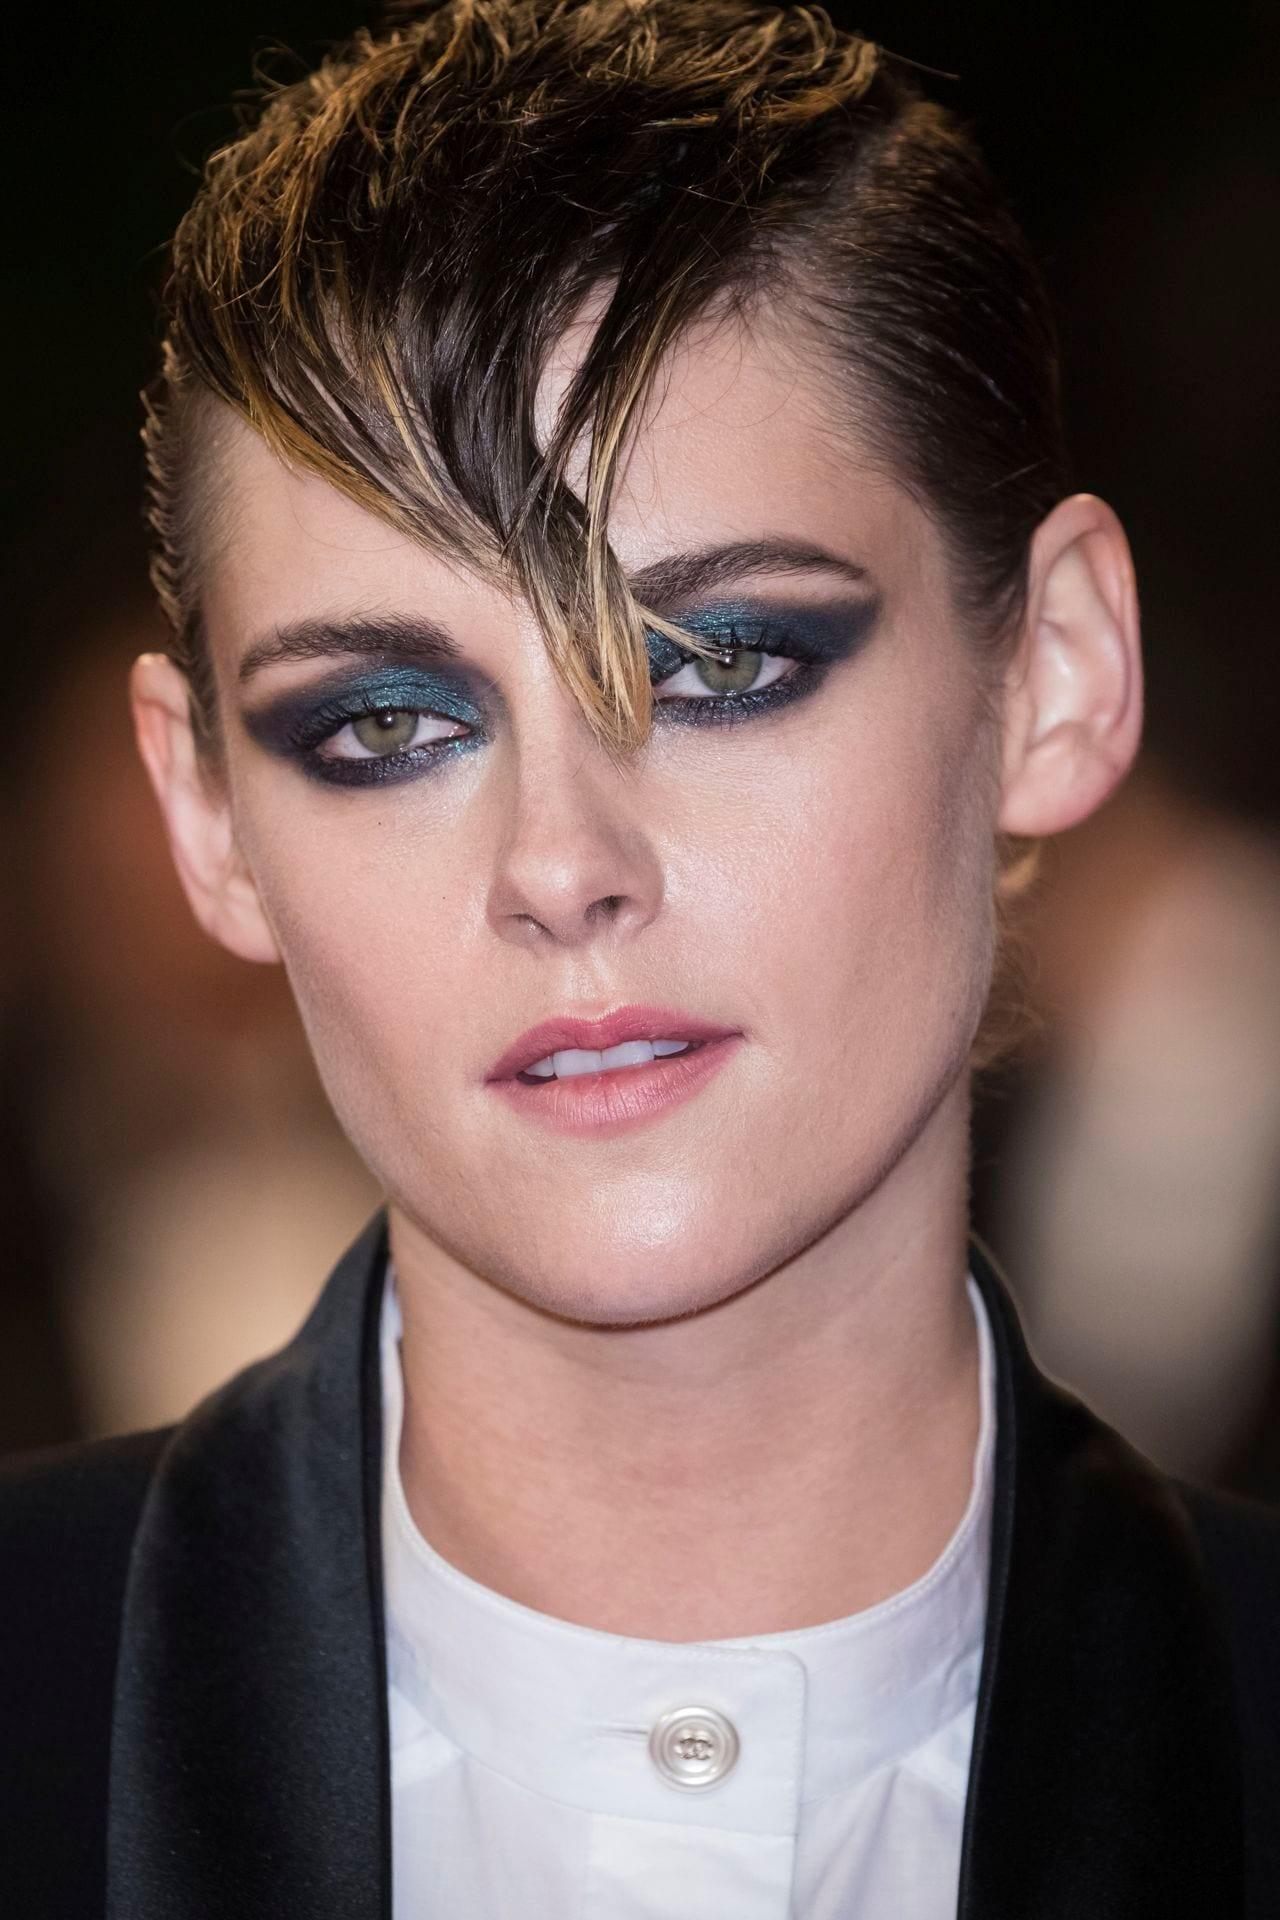 Lluvia de ideas peinados pelo corto mujer Galería de tendencias de coloración del cabello - 5 Ideas de peinados para pelo muy corto